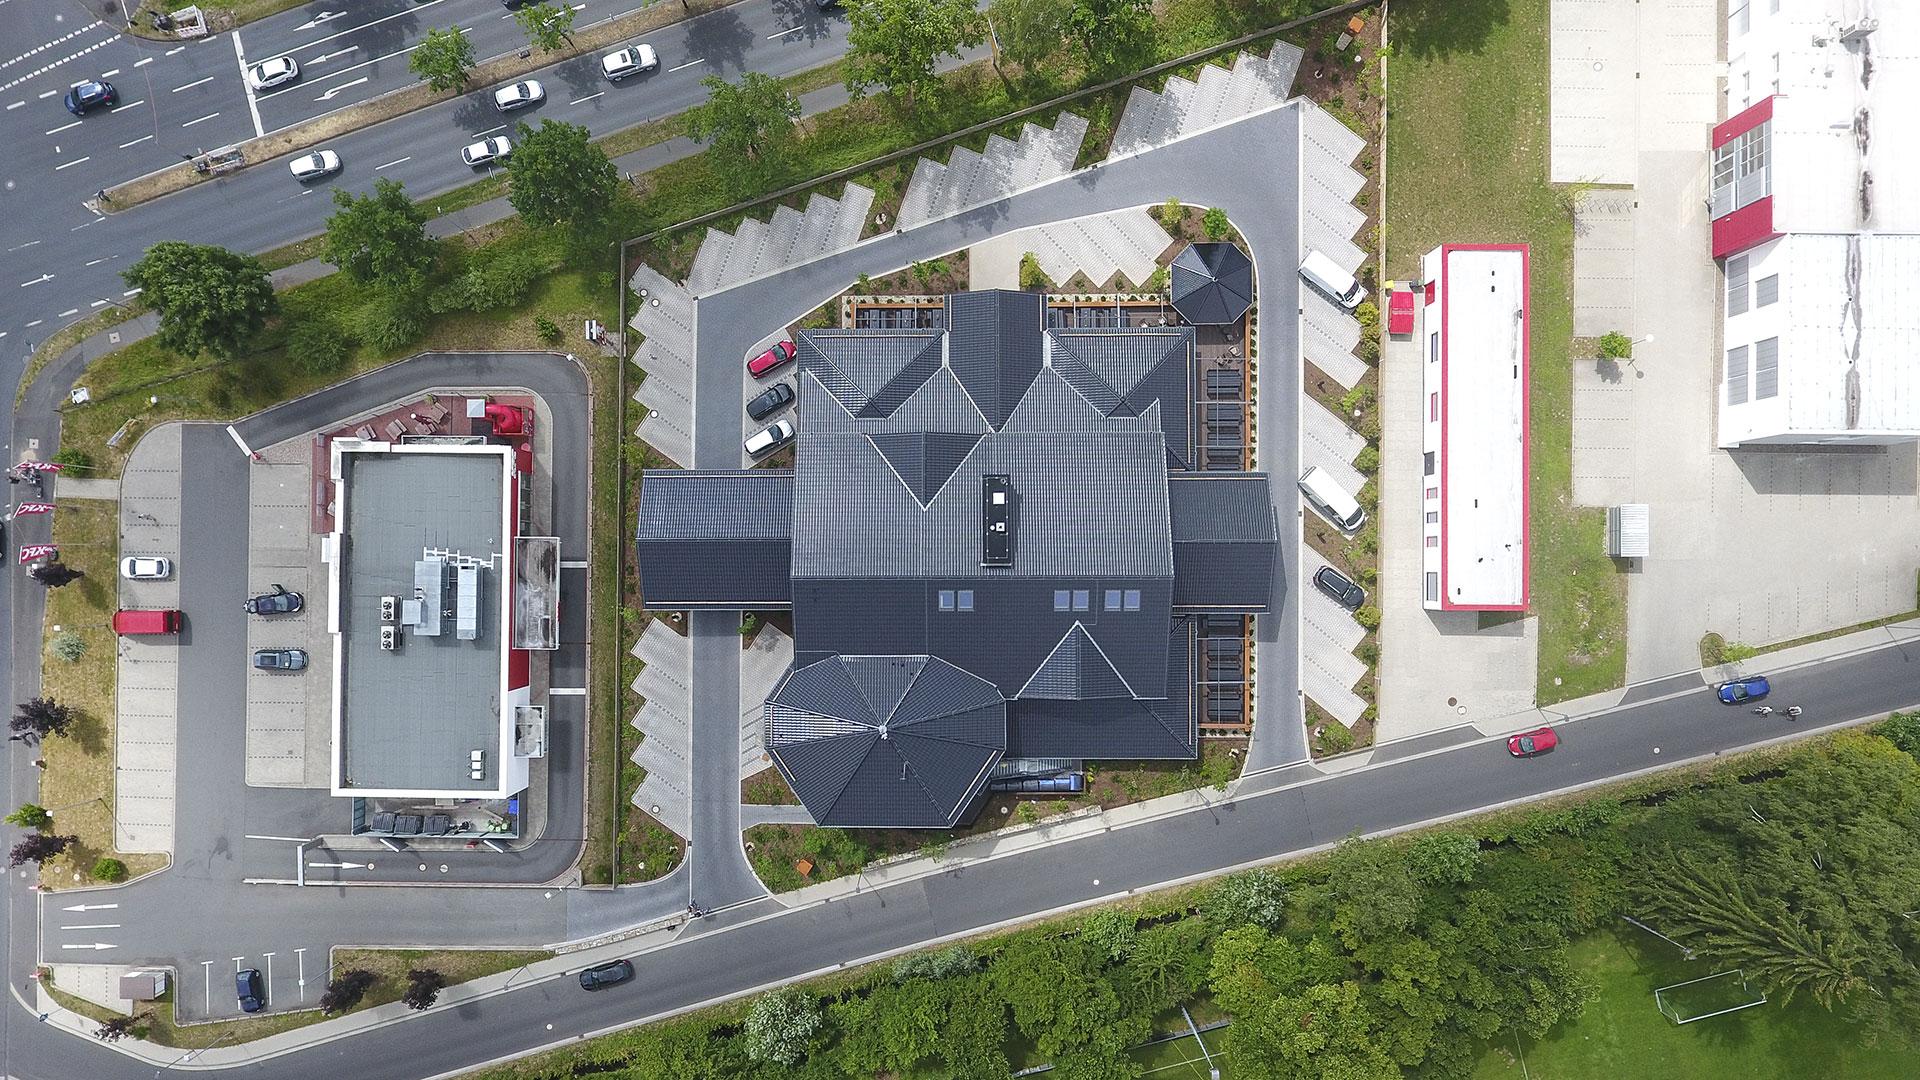 Architekturfotografie, Drohne: Dach Steak-Haus | Foto: Dieter Eikenberg, imprints